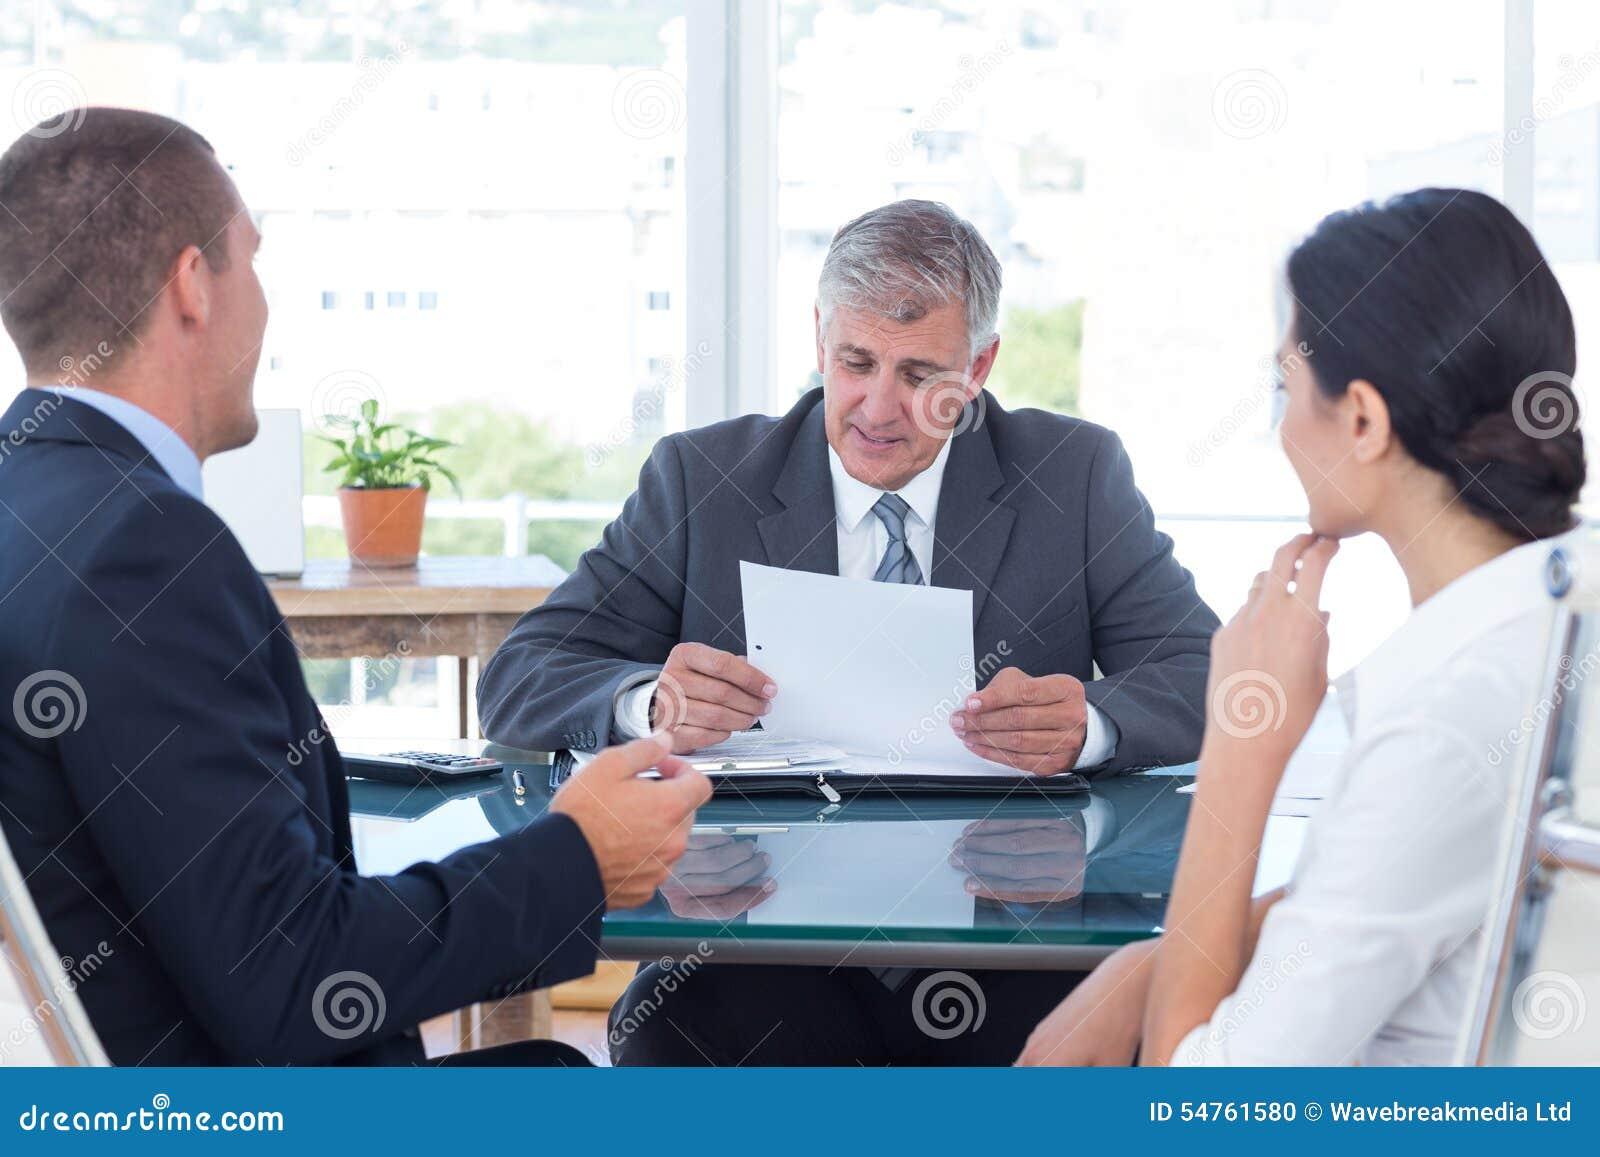 Επιχειρηματίες στη συζήτηση σε ένα γραφείο